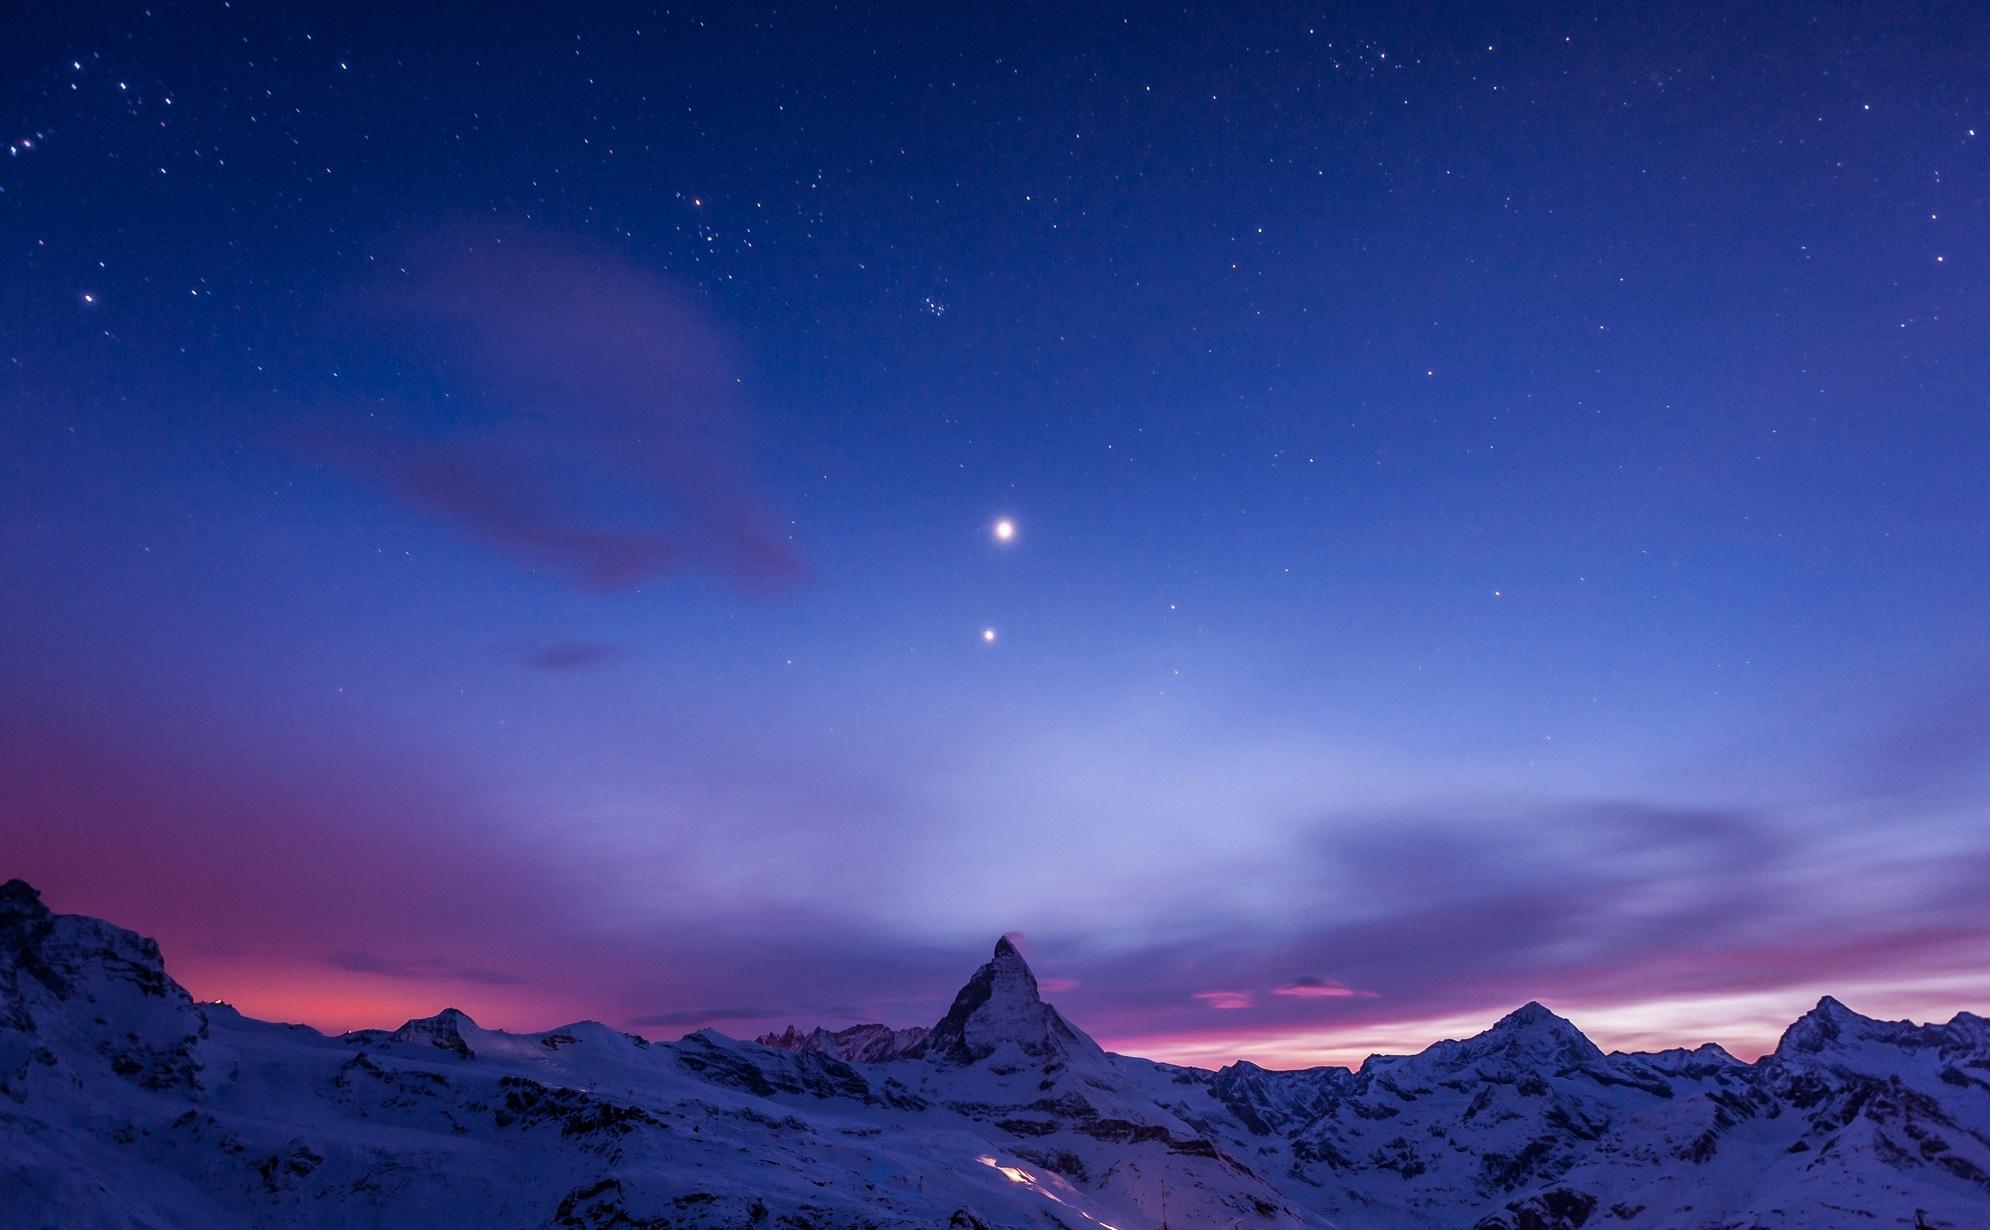 131883 скачать обои Природа, Ночь, Снег, Небо, Горы, Звезды - заставки и картинки бесплатно